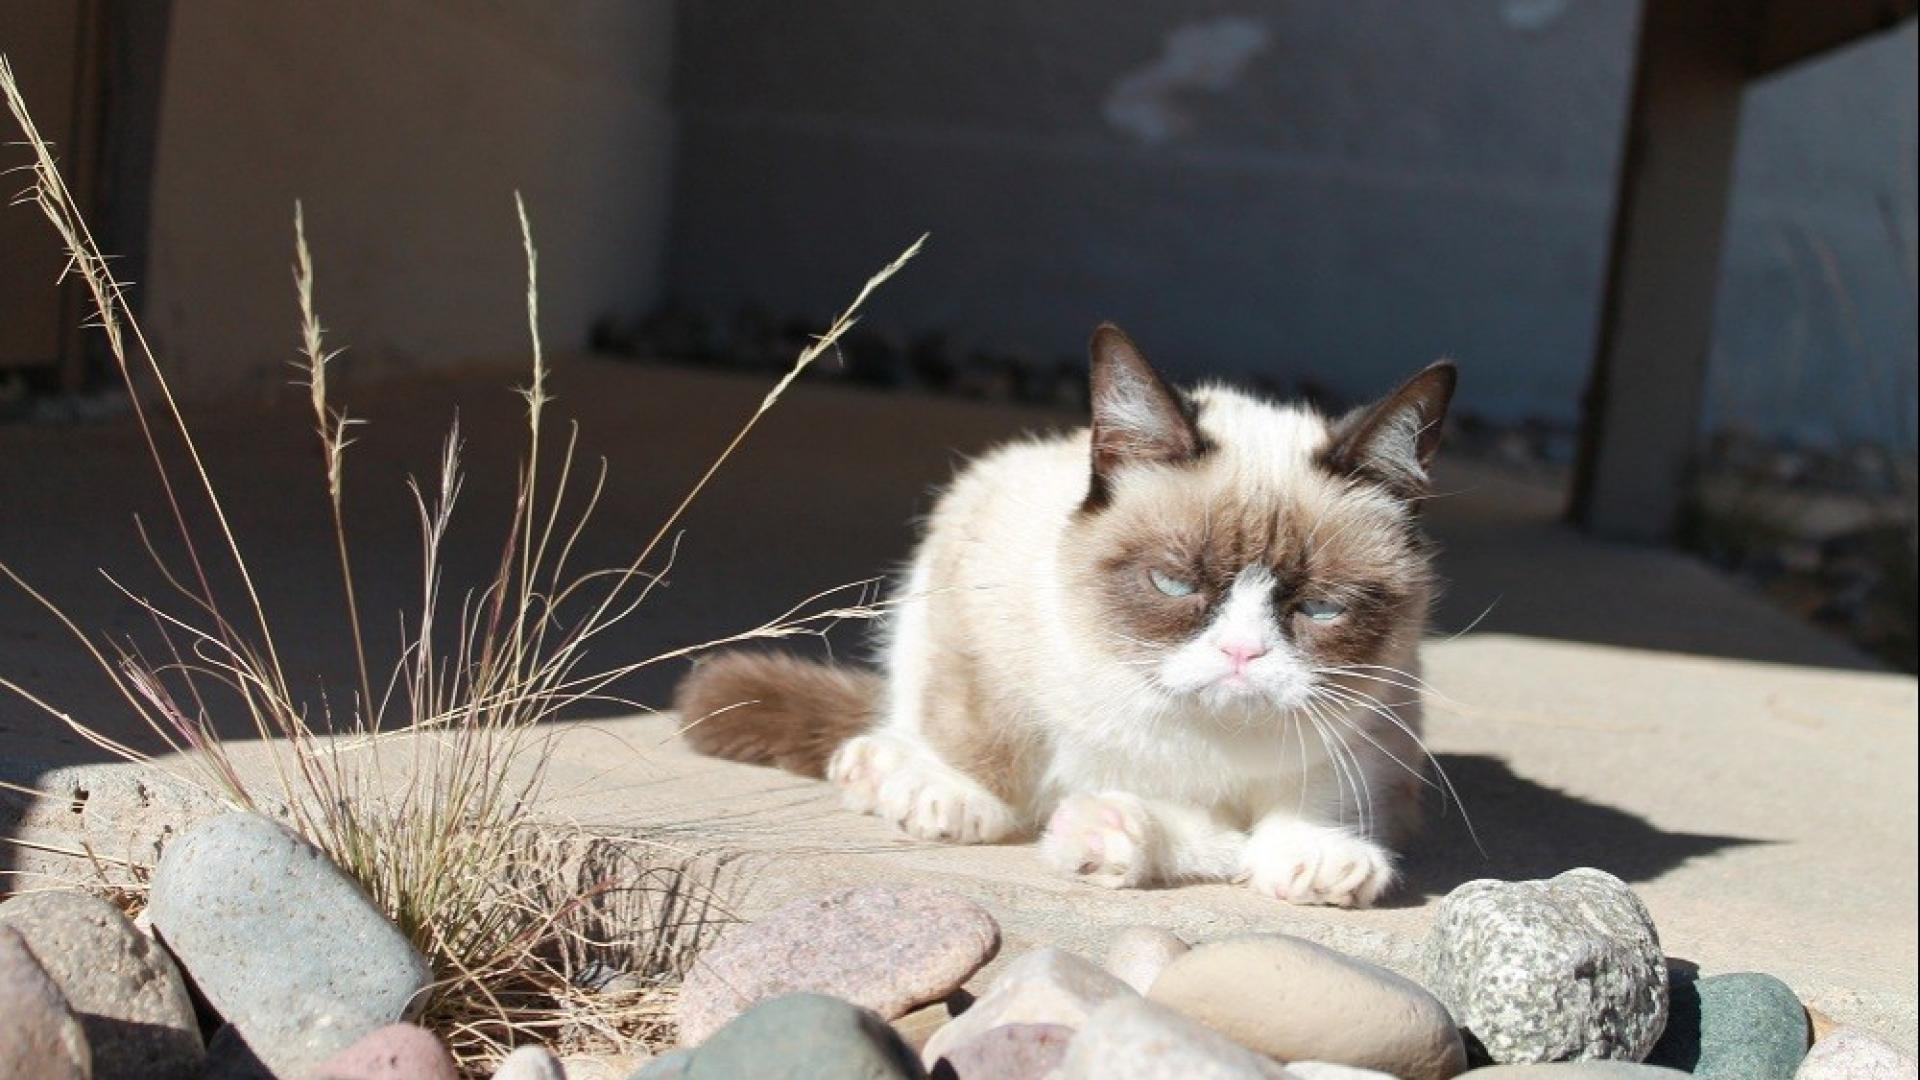 Cats grumpy cat wallpaper 24967 1920x1080